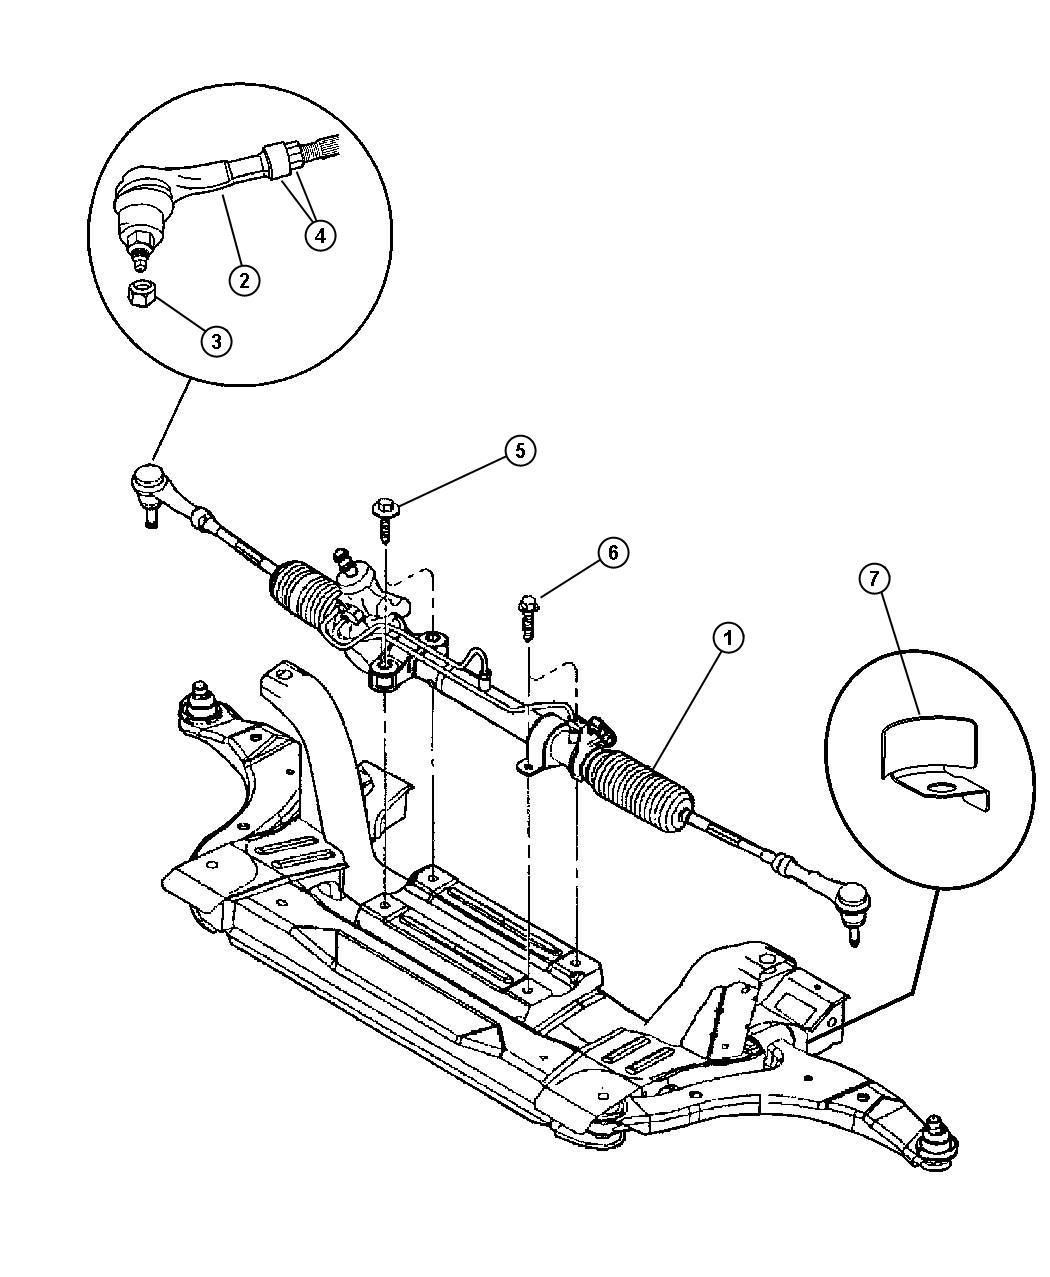 2003 Dodge Neon Gear. Power steering. Export. Firm, feel